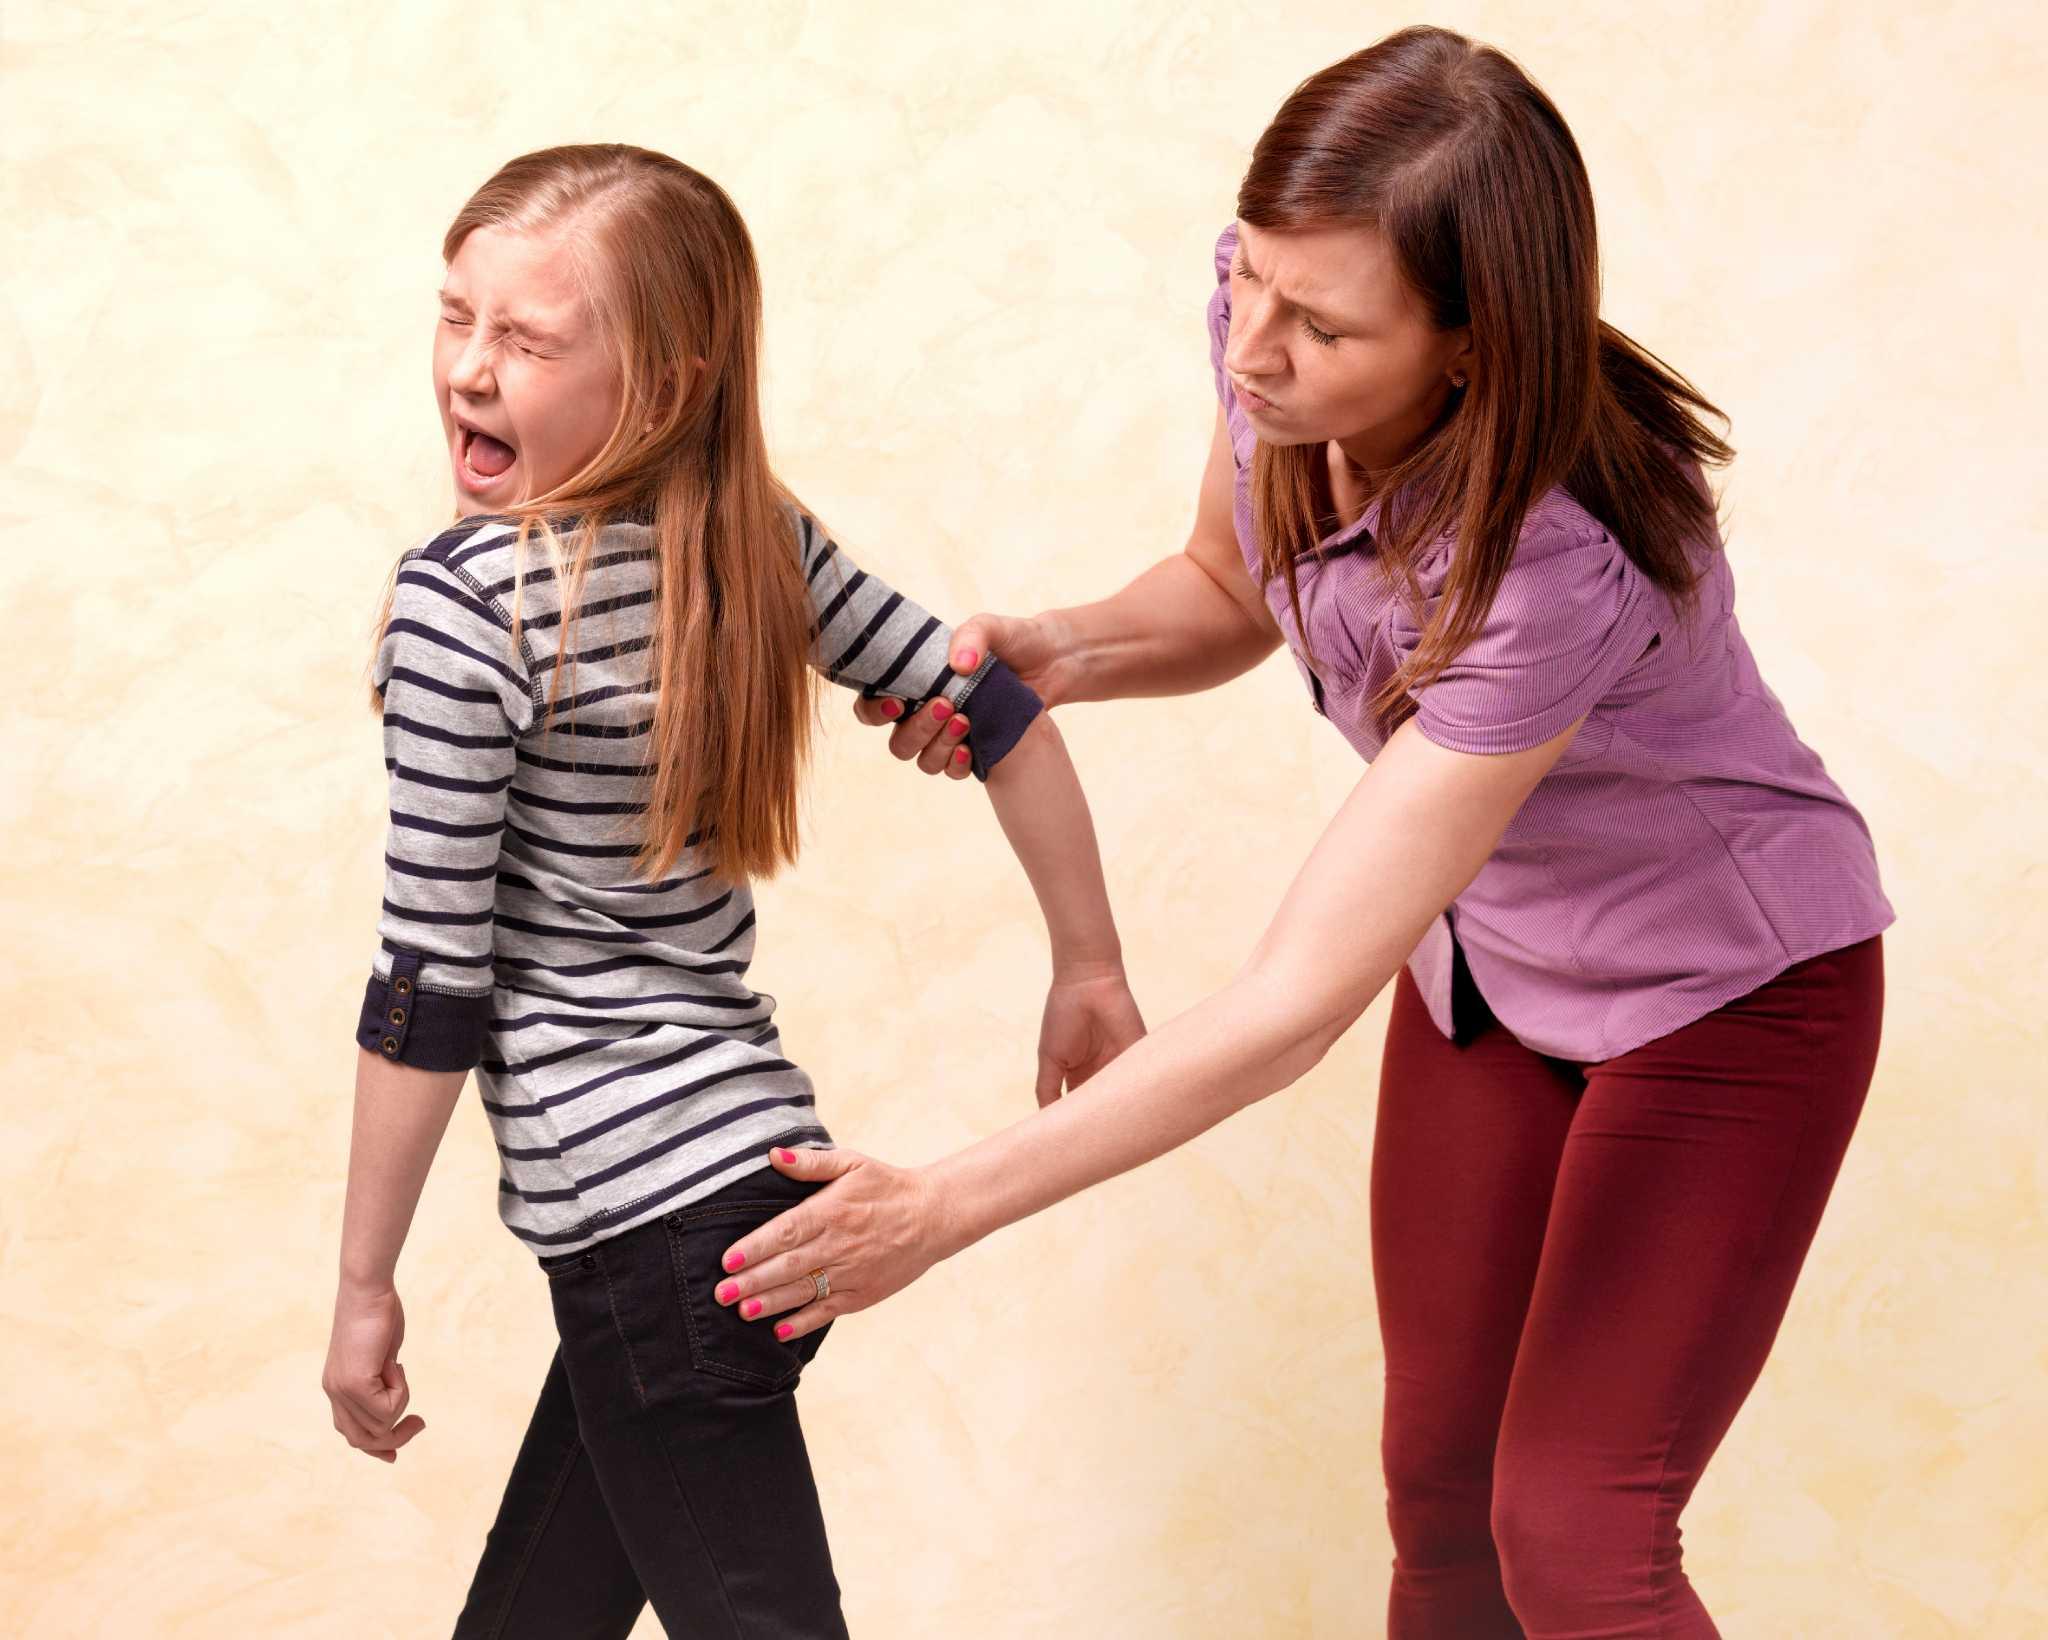 Когда ребенок бьет маму. агрессивное поведение, ребенок дерется